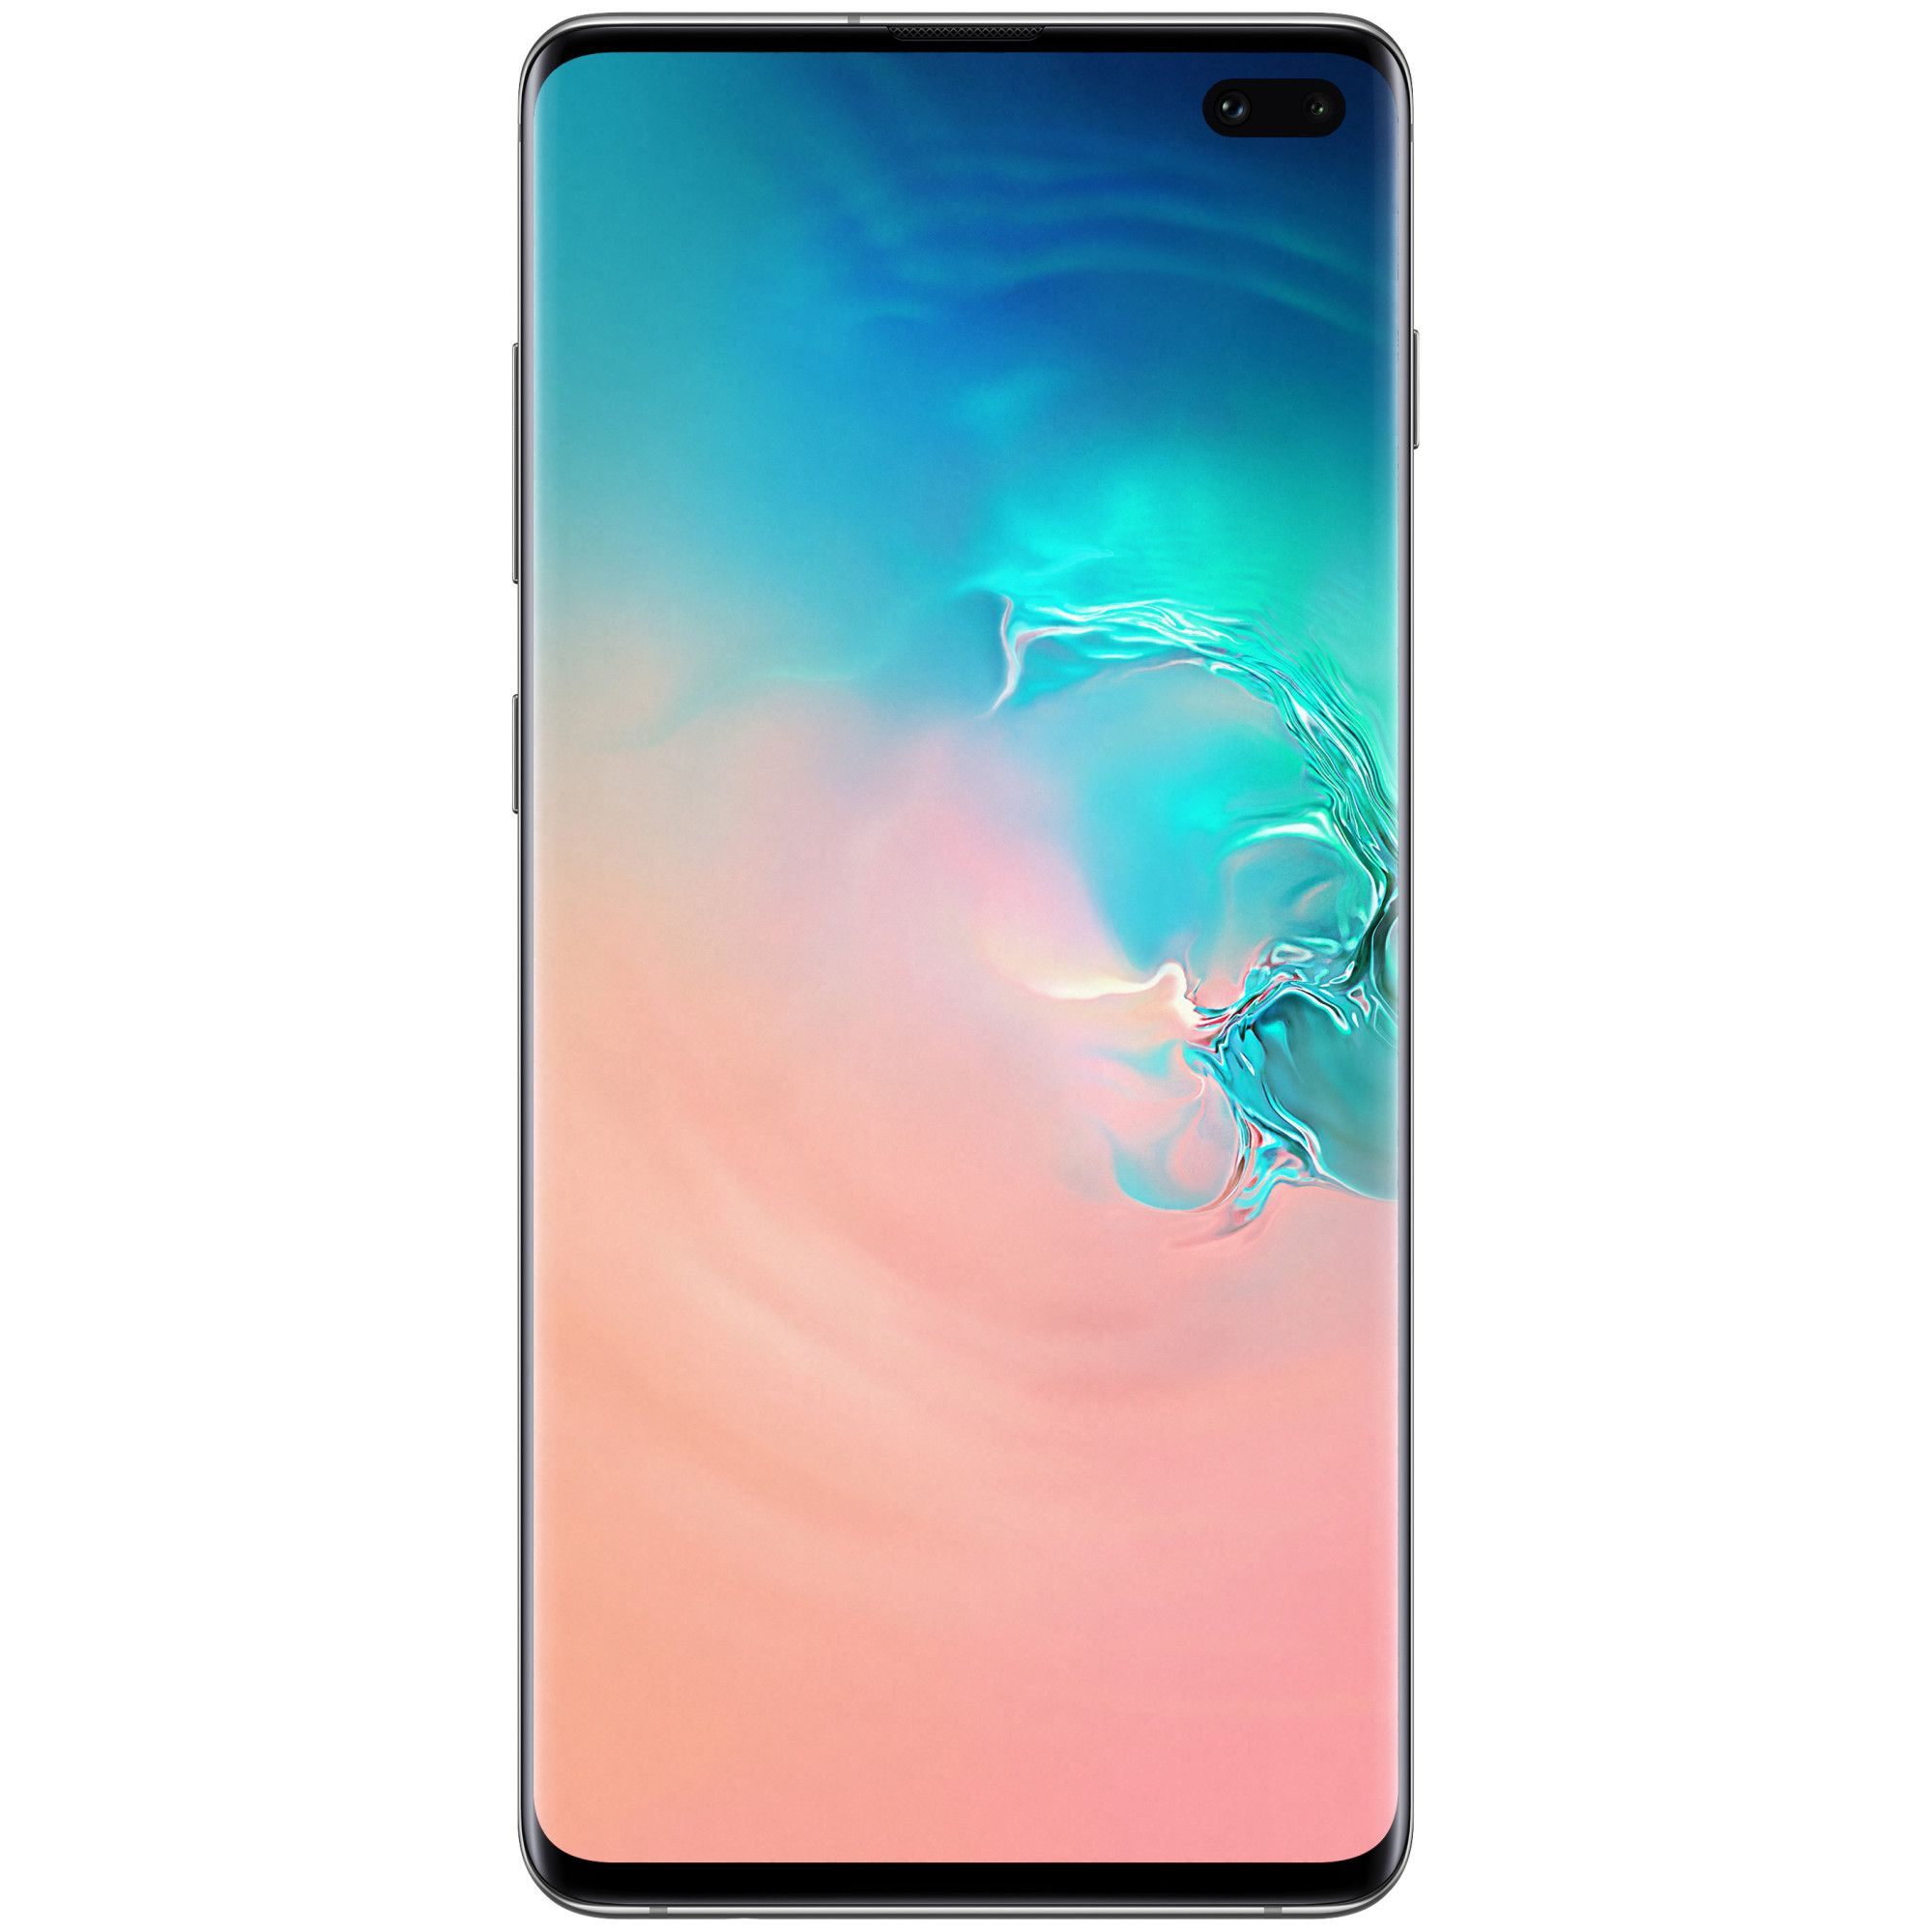 Telefon mobil Samsung Galaxy S10 Plus, G975, Dual SIM, 512 GB, 8GB RAM, 4G, Ceramic White